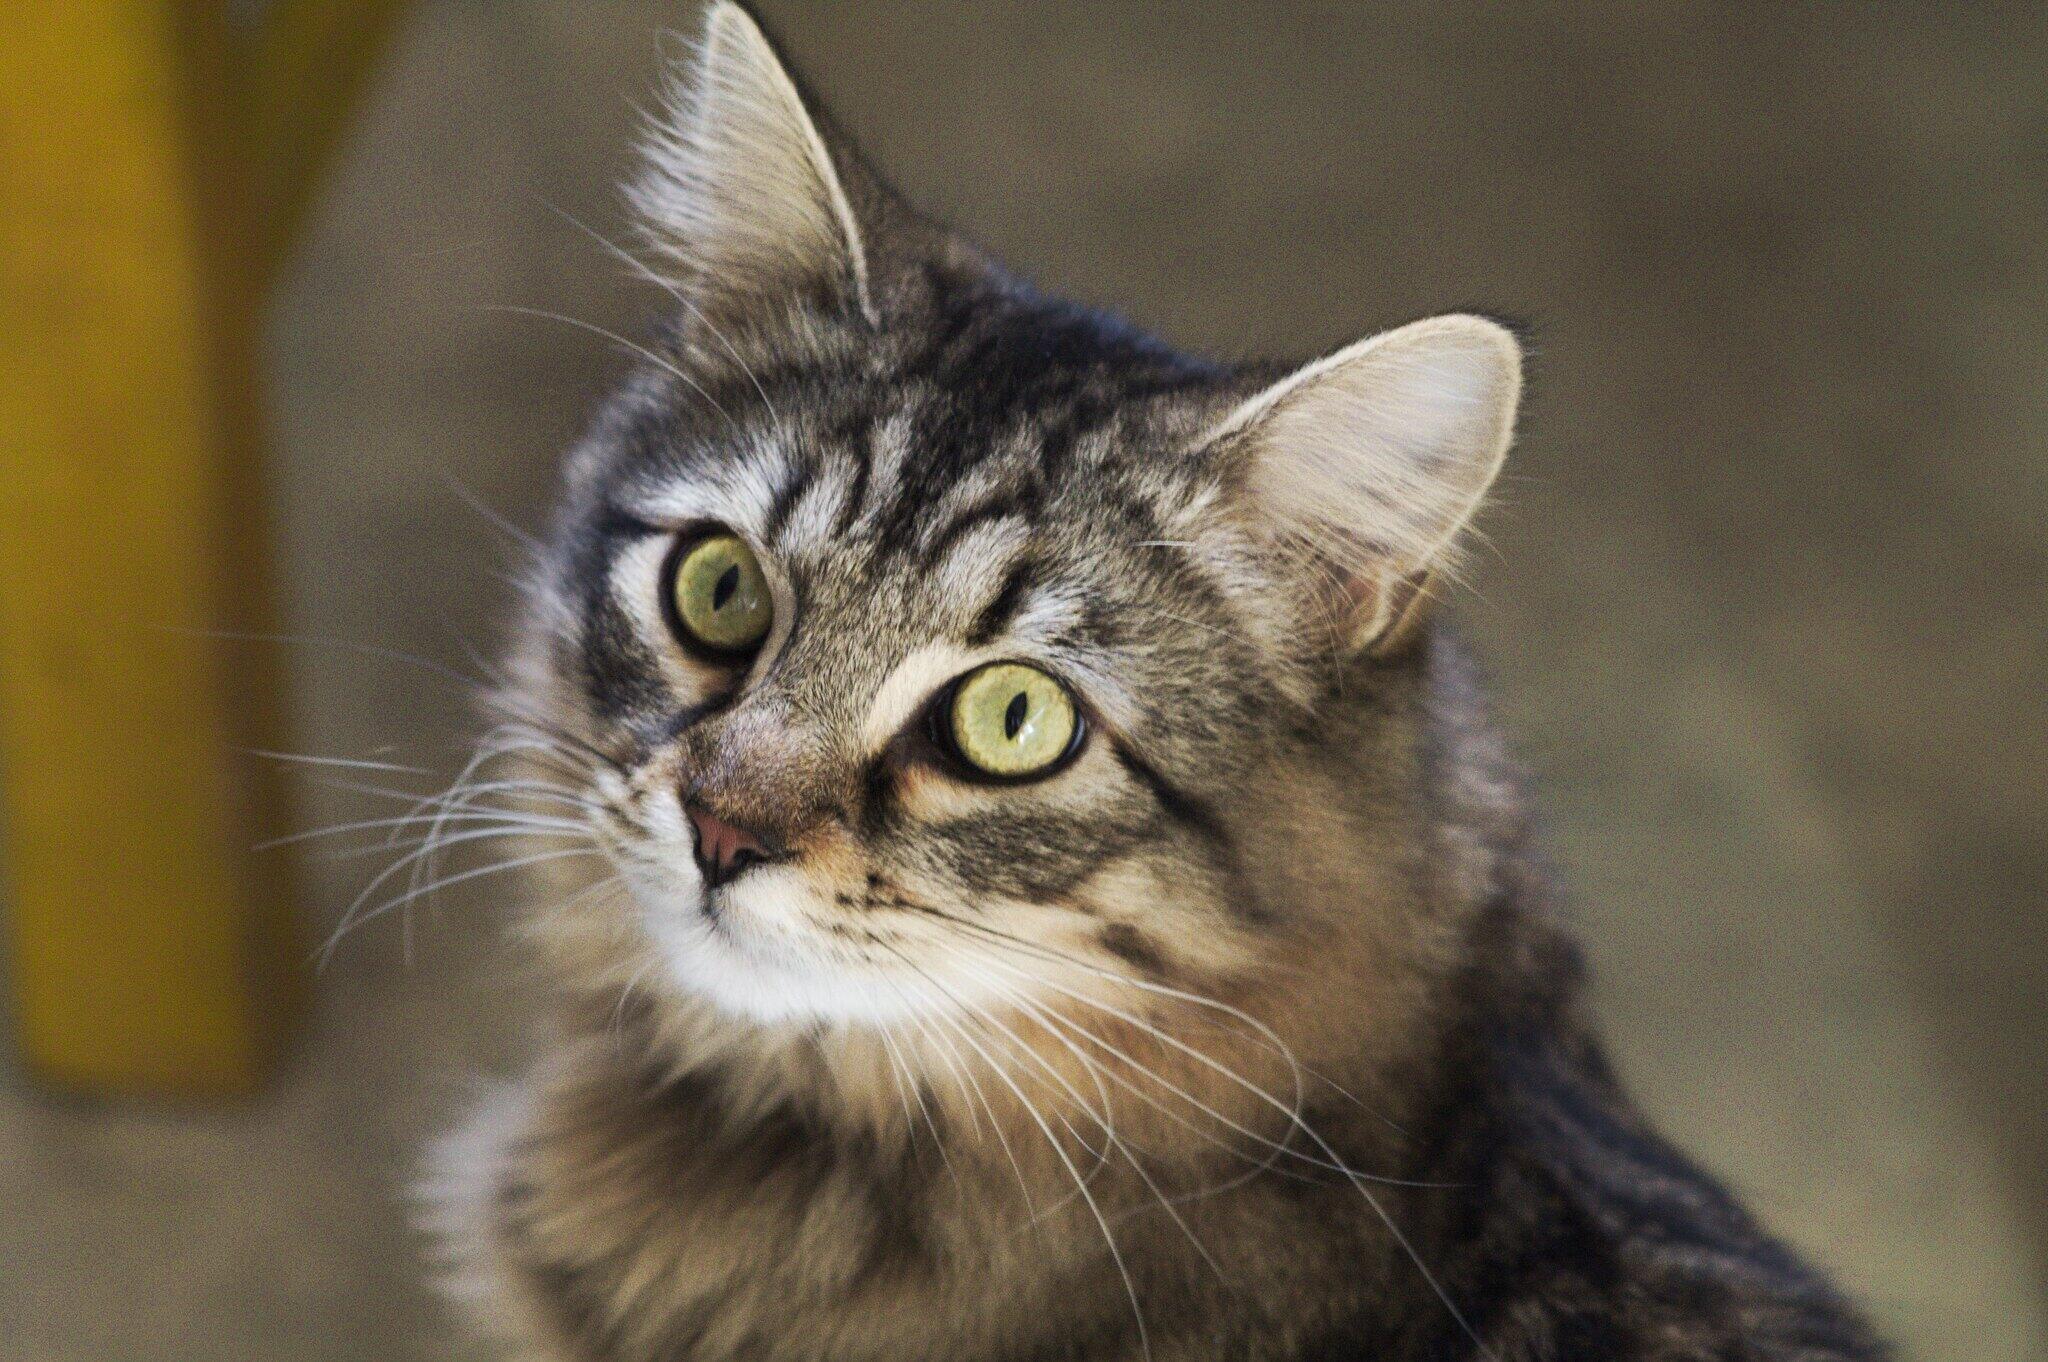 Más allá de todo, los gatos saben demostrar su cariño.